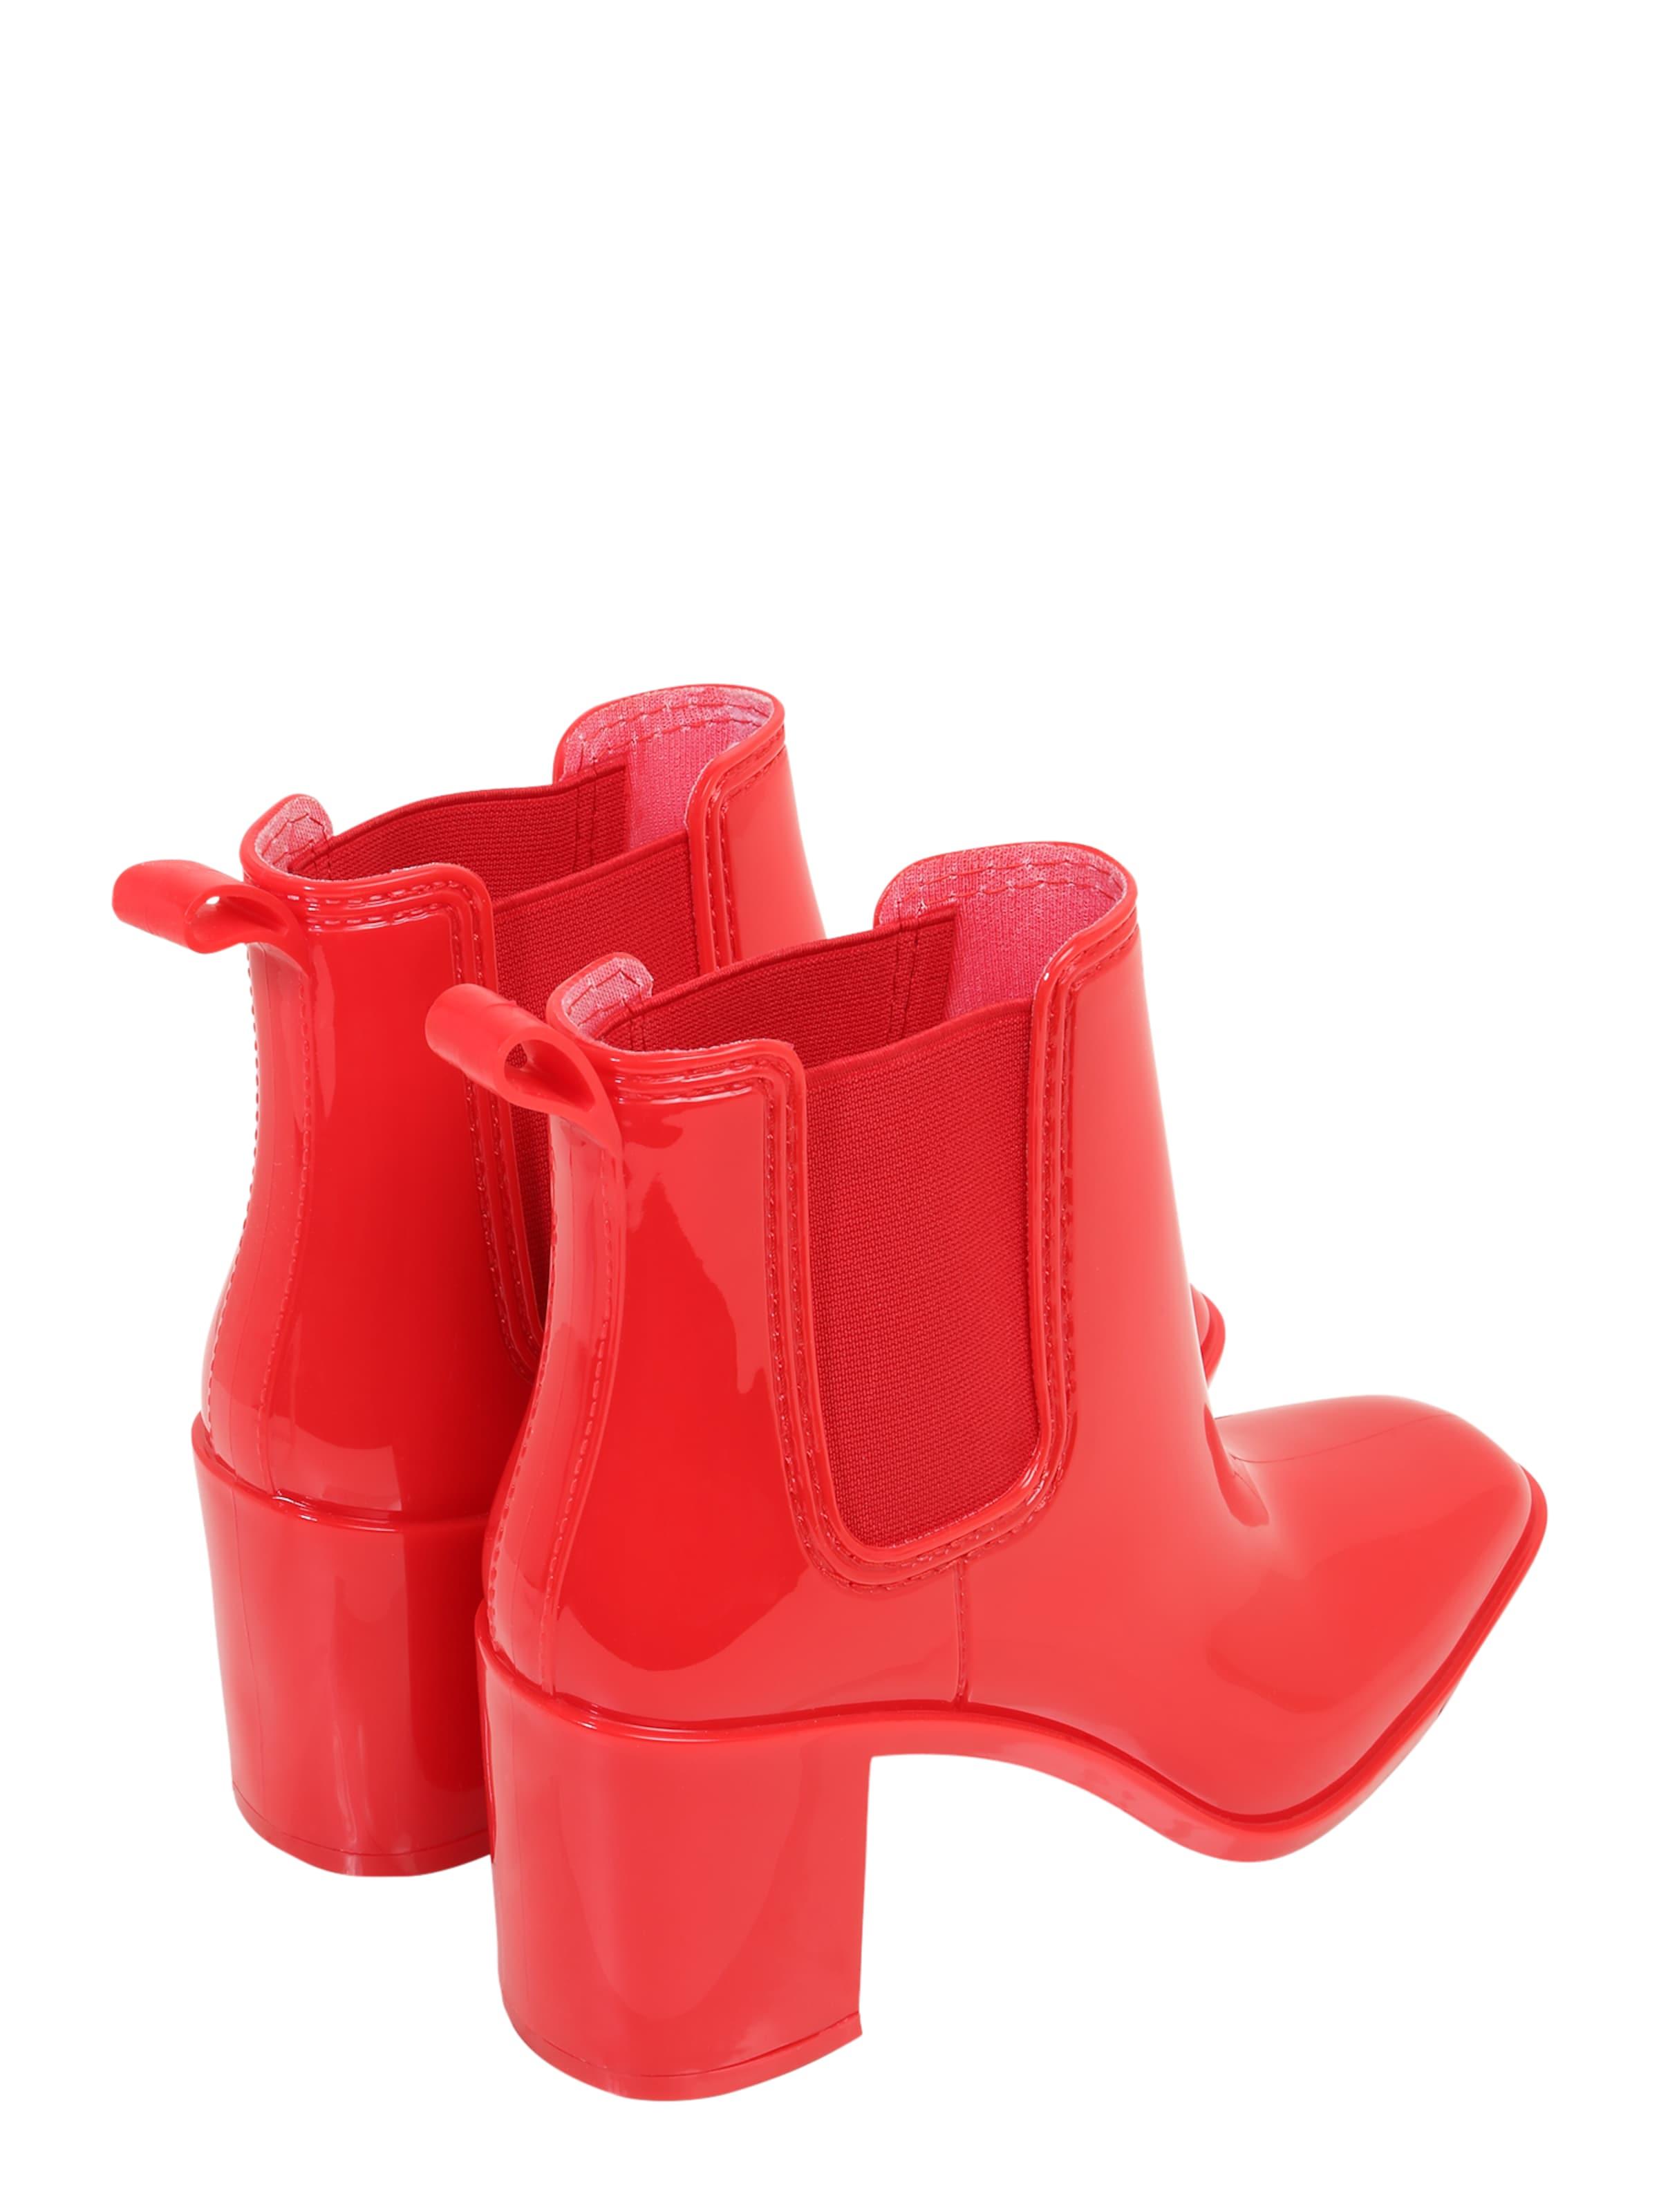 Die Besten Preise Günstig Online Rabatt Aus Deutschland Jeffrey Campbell Chelsea-Boots Günstig Kaufen Exklusiv Gq0cB6z7